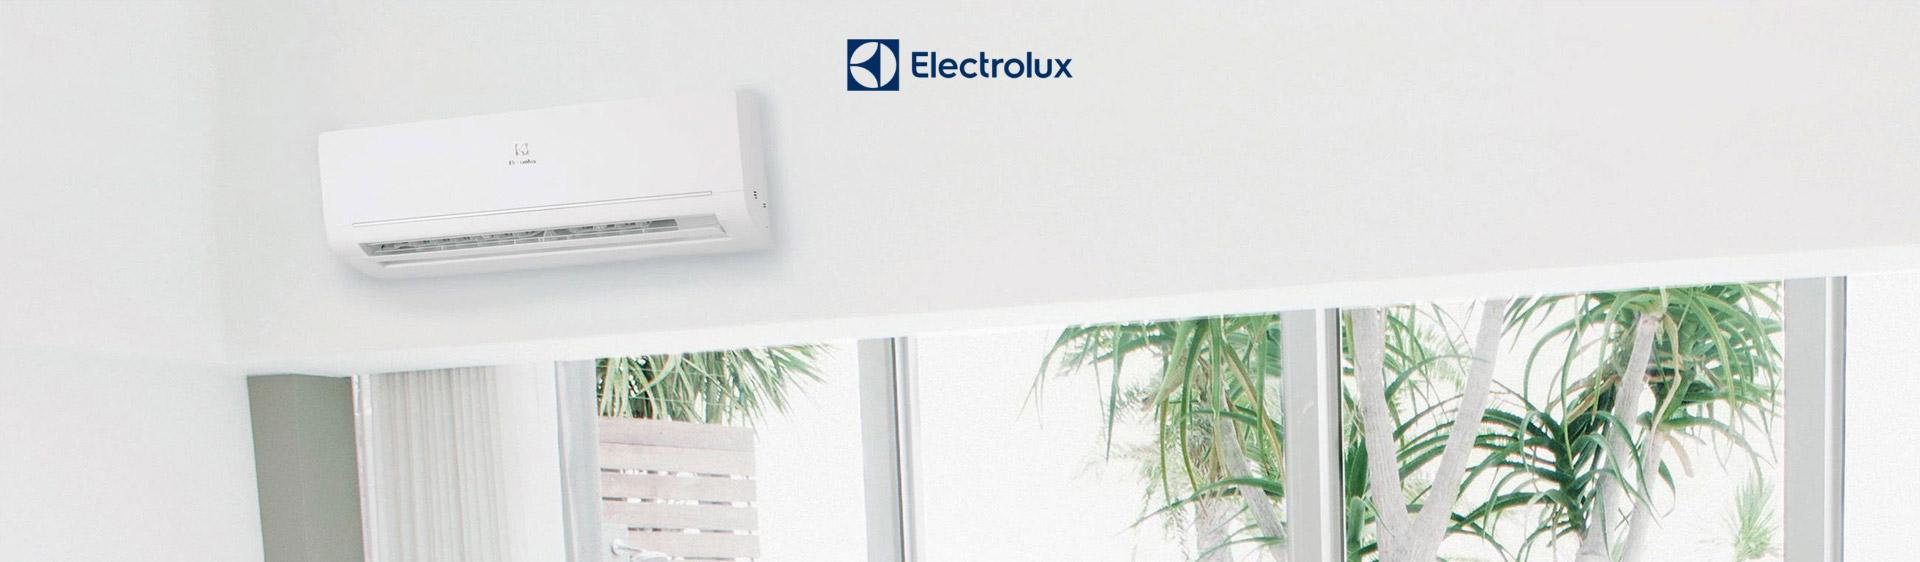 Autoryzowany Dystrybutor Klimatyzacji Electrolux